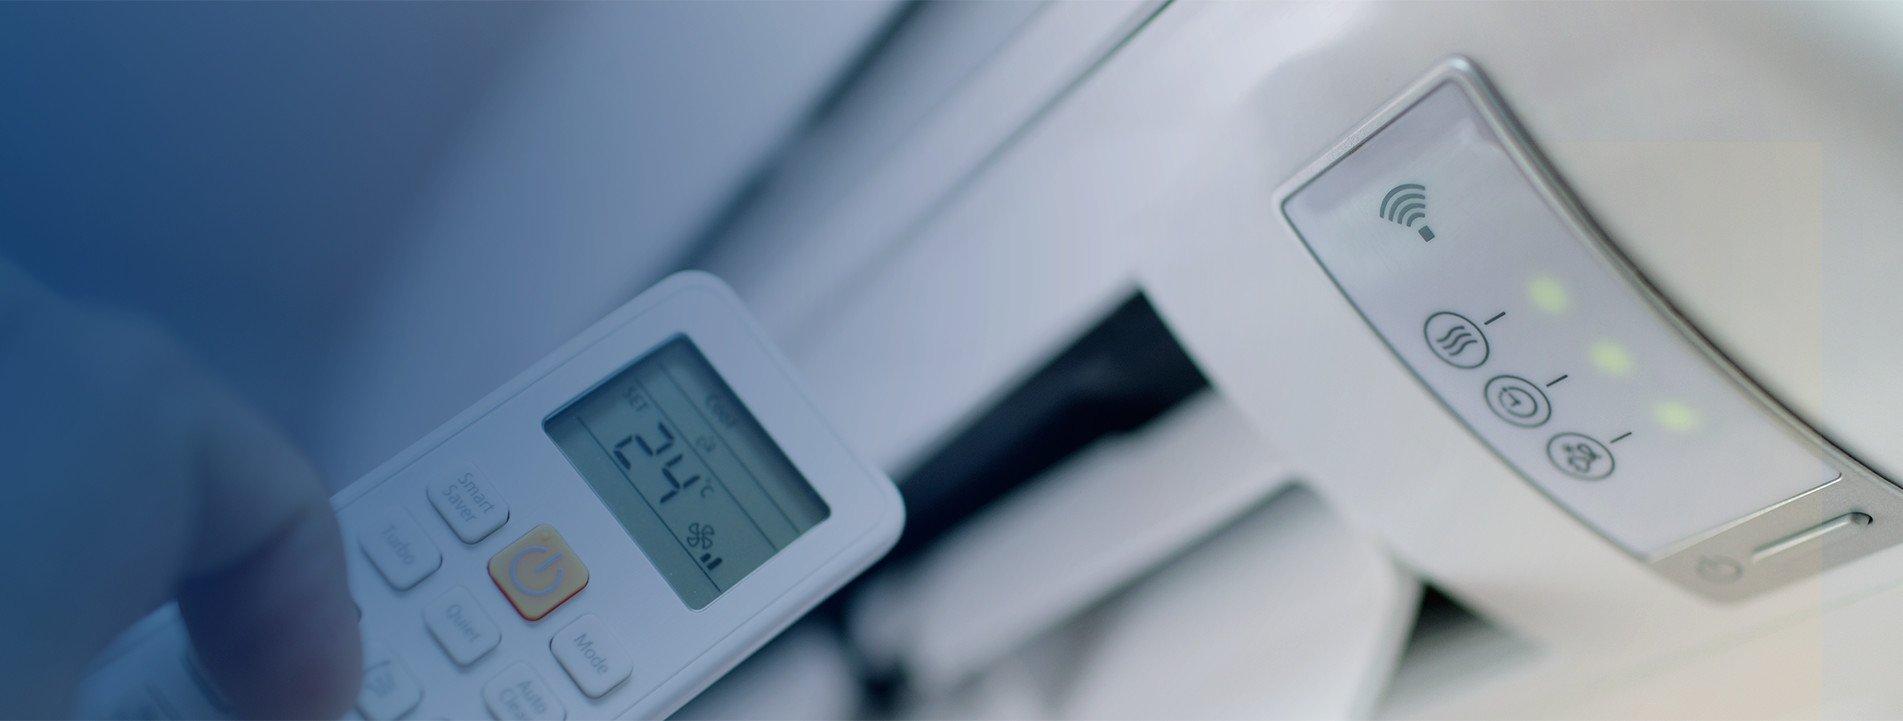 Stwórz ciepło w swoim domu